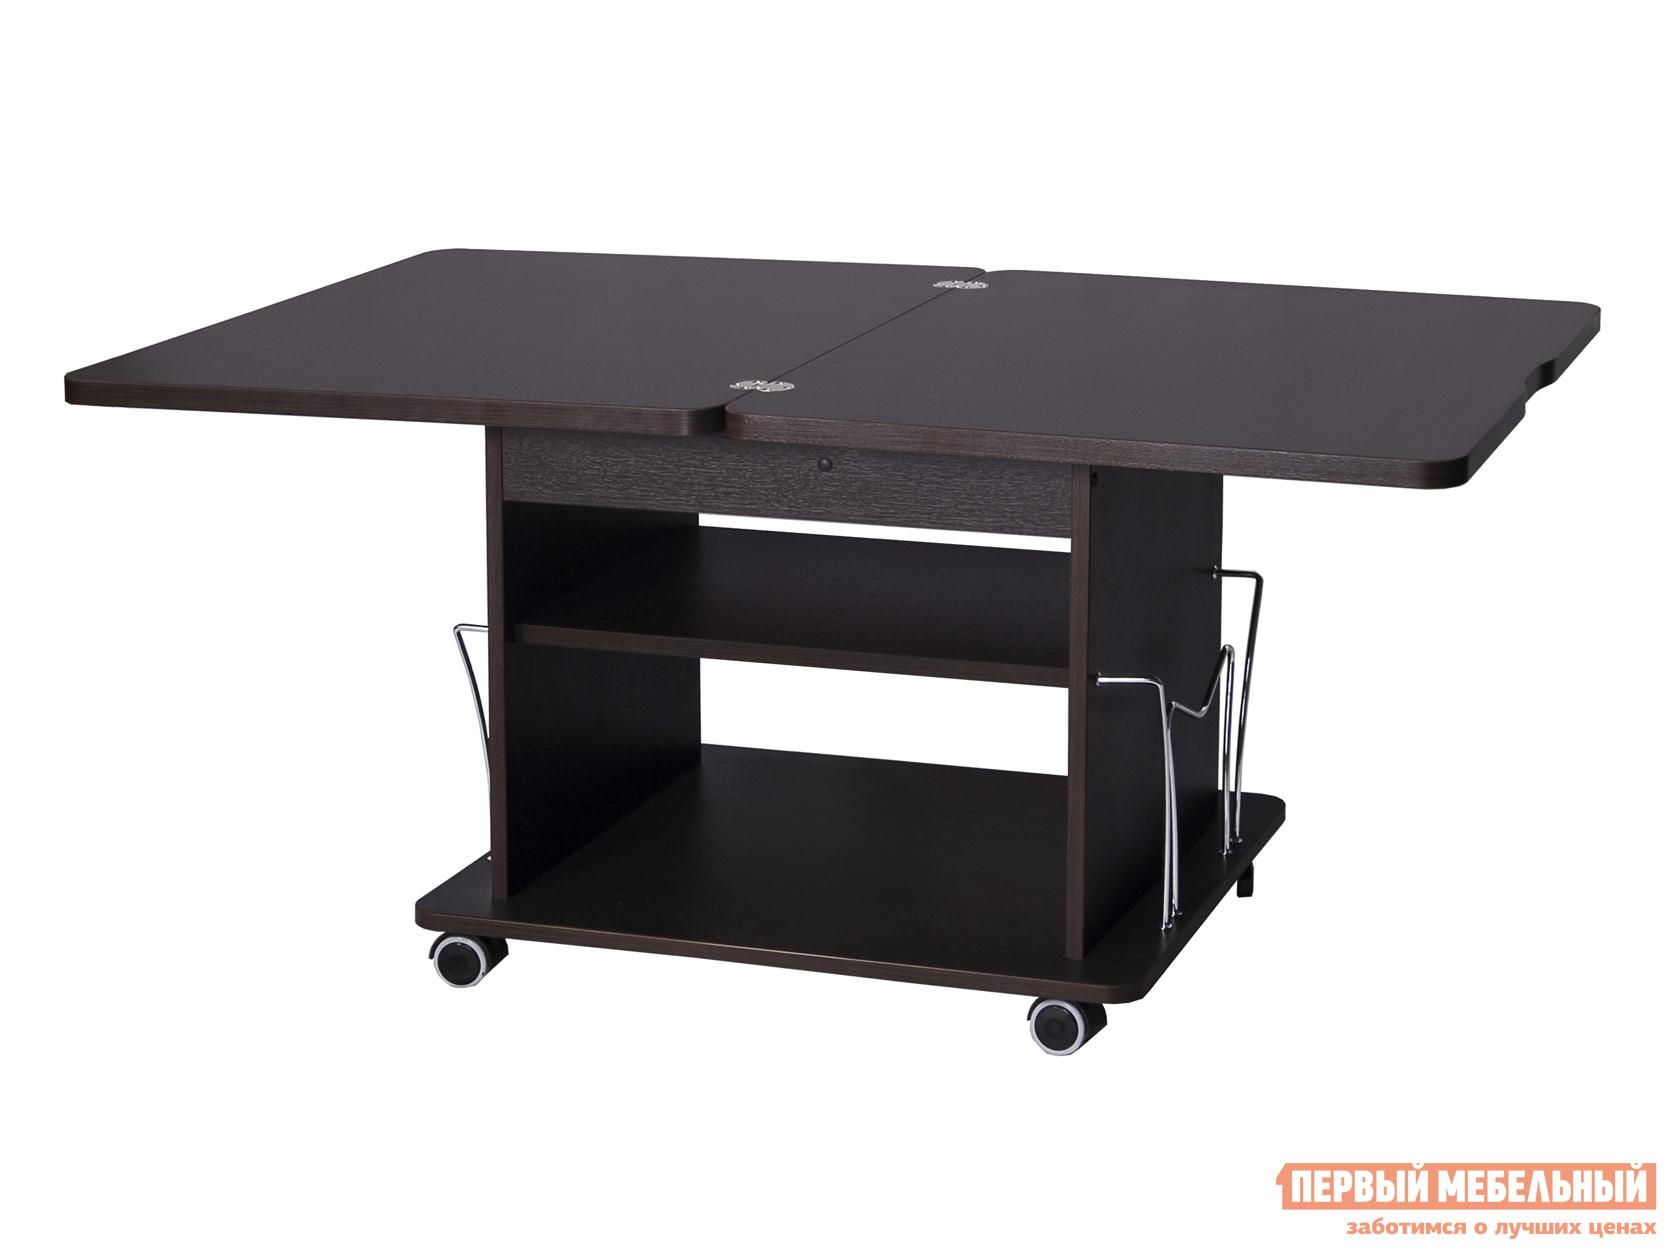 Раскладной журнальный столик-трансформер на колесиках Витра Агат-14.3 журнальный стол витра агат 21